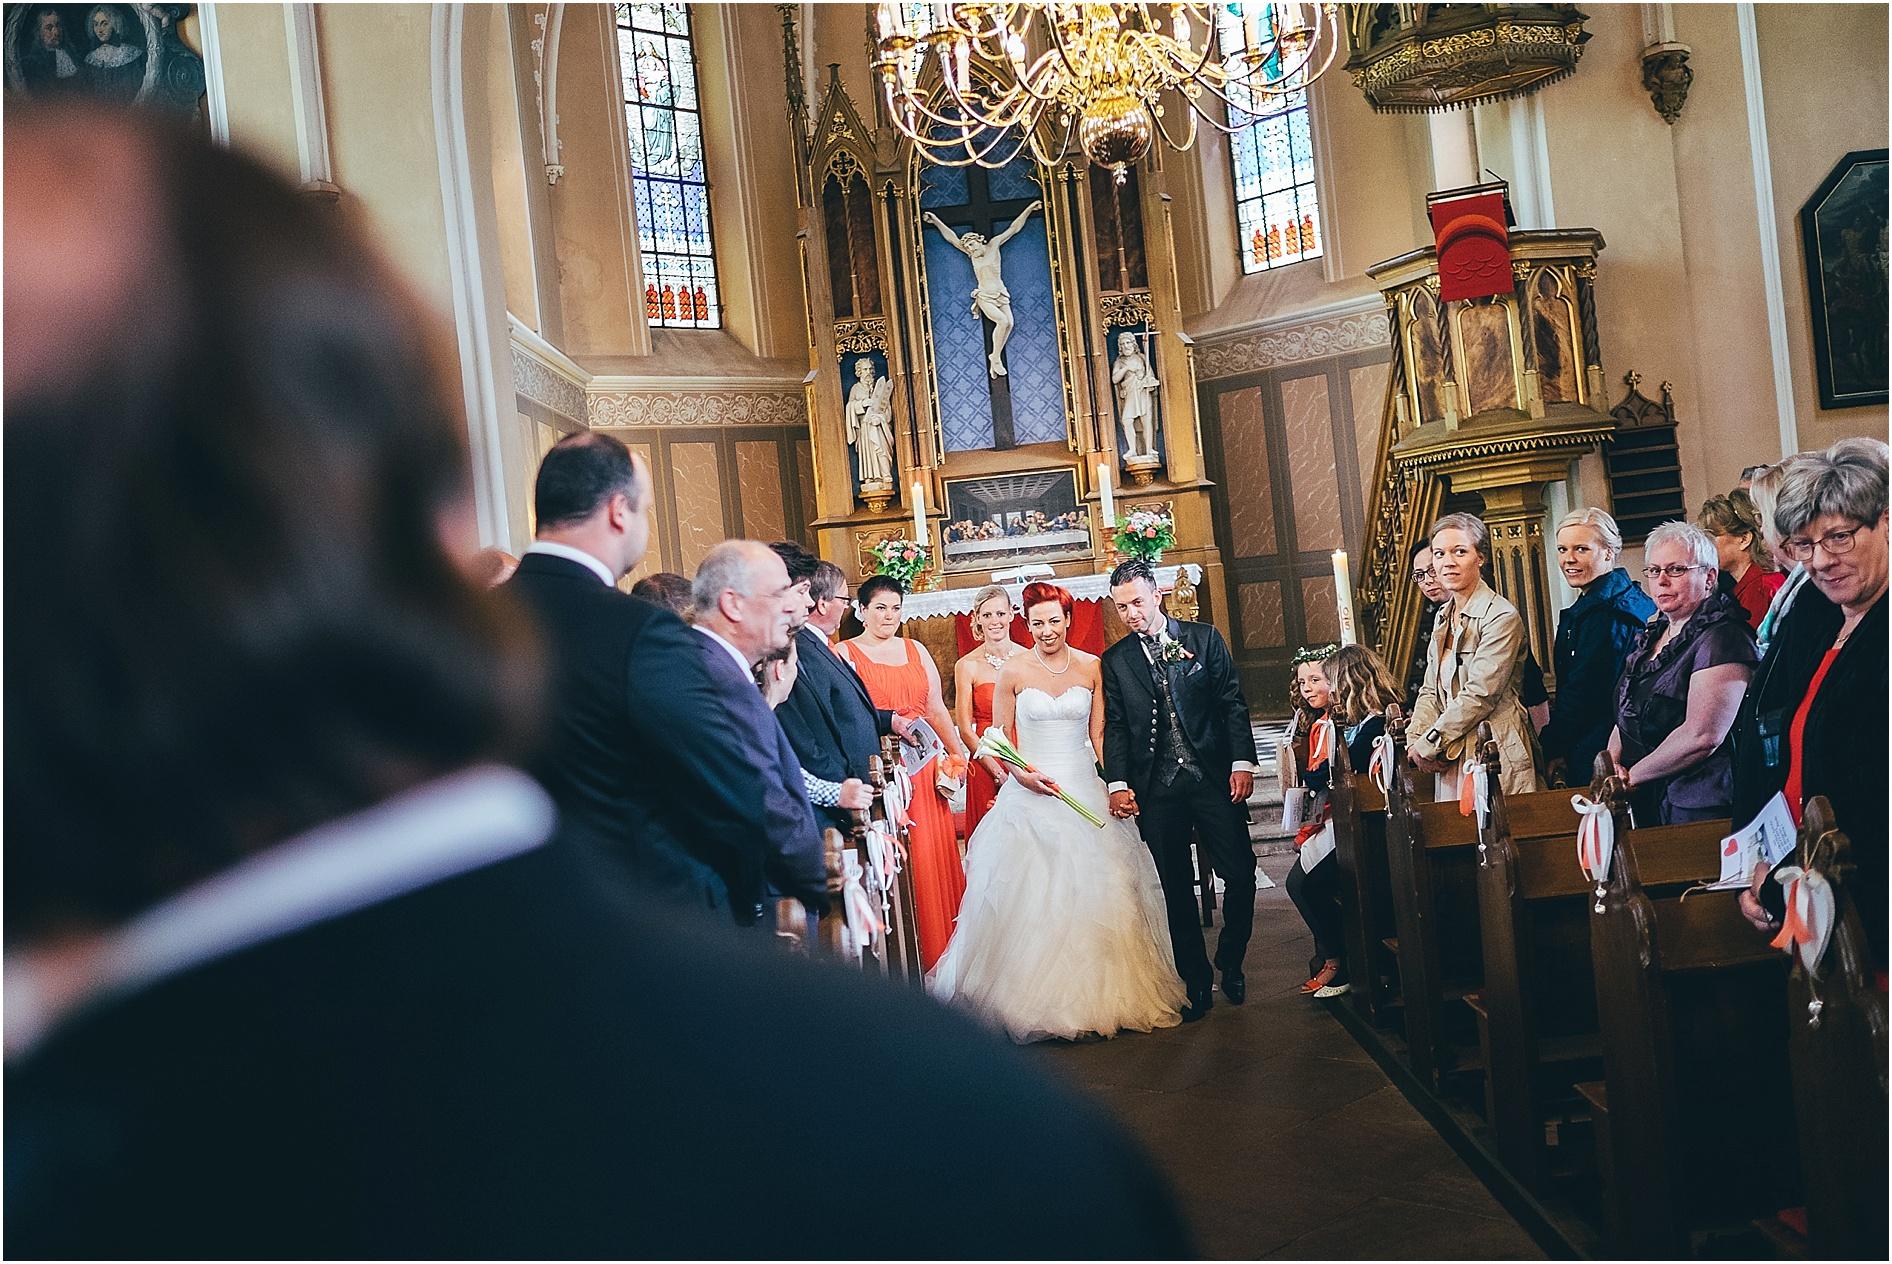 2015-10-27_0041 Tine & Chrischan - Hochzeitsfilm & Fotos in Lüneburg